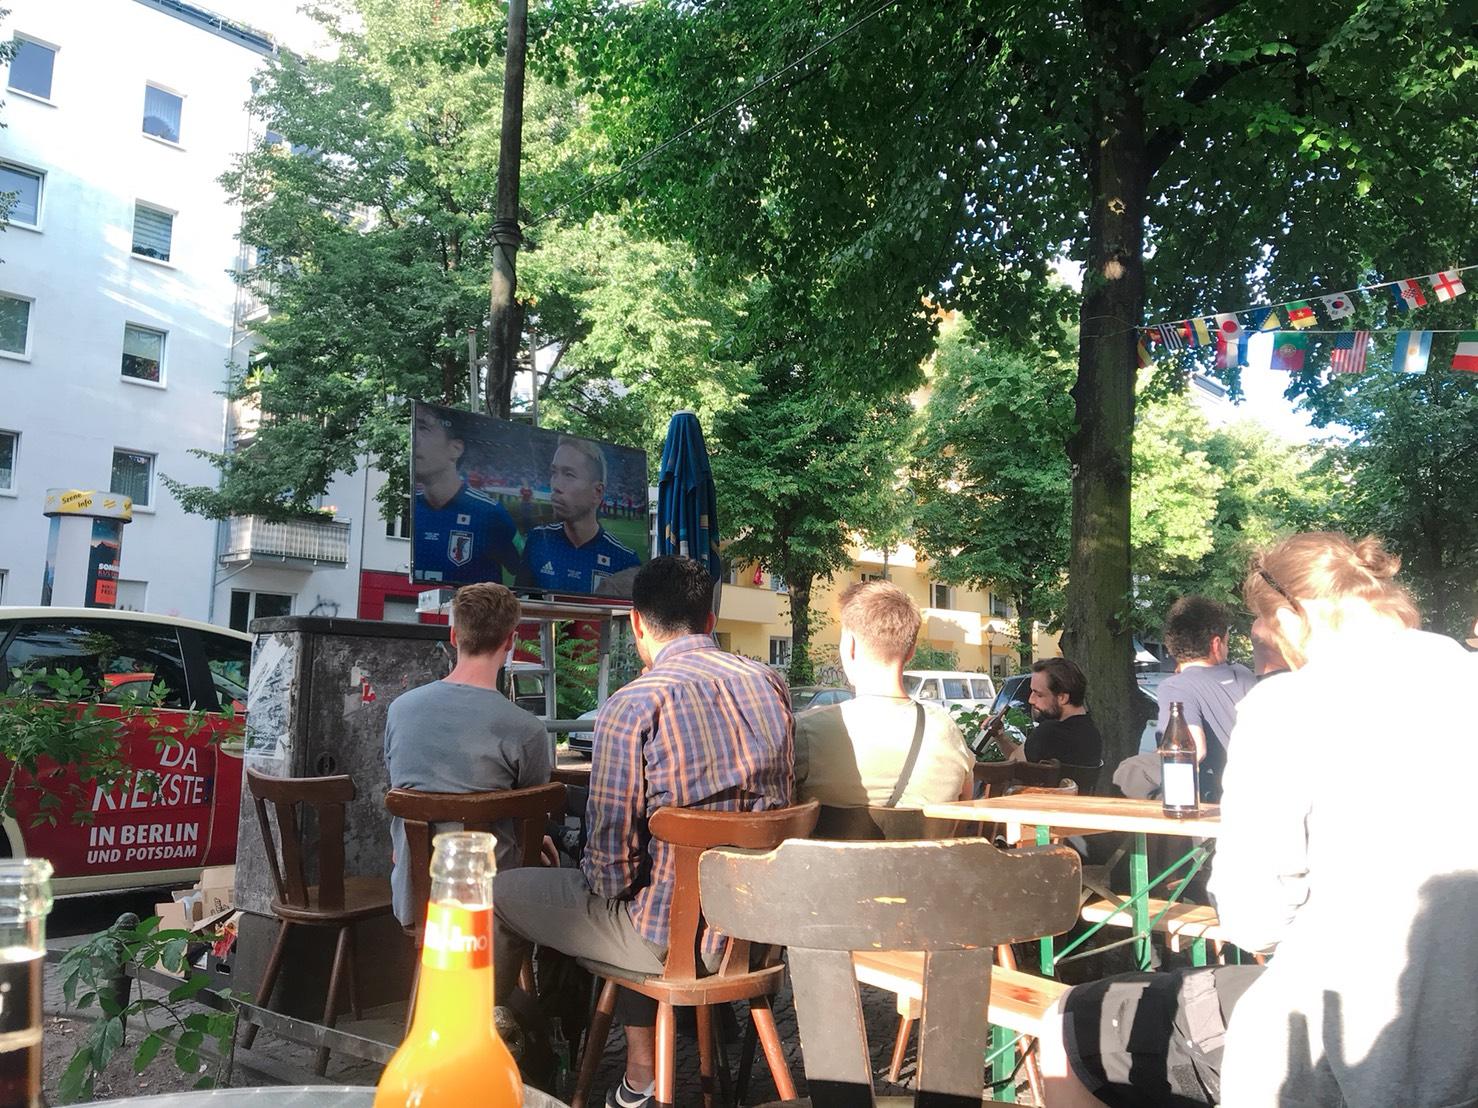 ベルリンで見るワールドカップが思った以上に楽しい